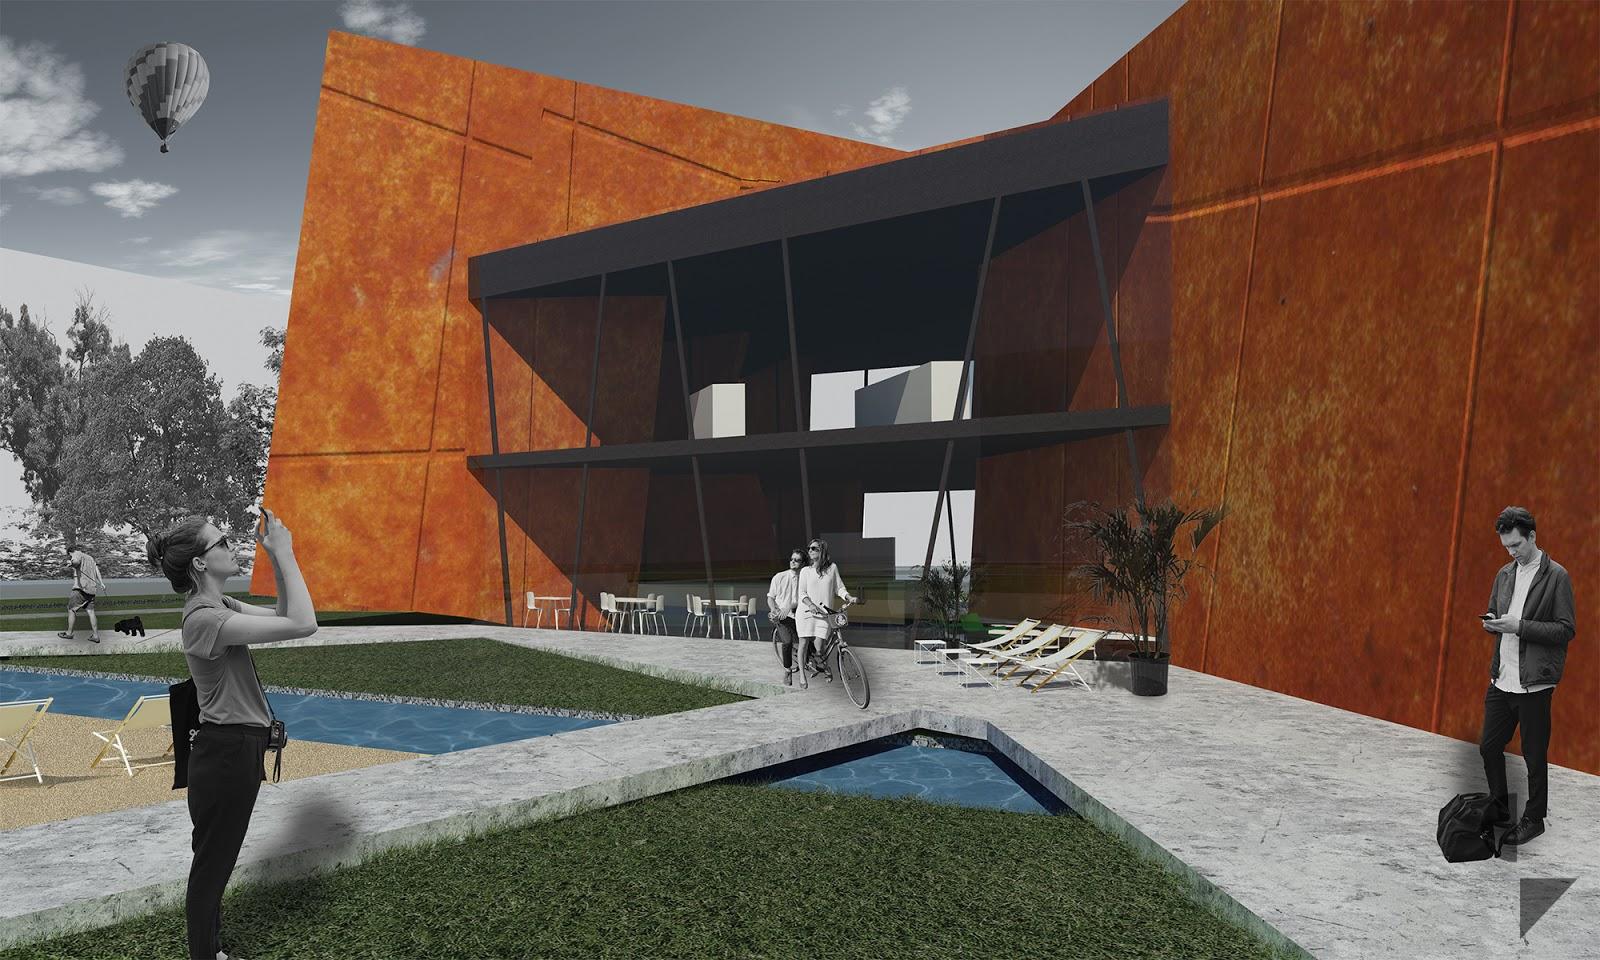 wizualizacja architektoniczna z zewnątrz